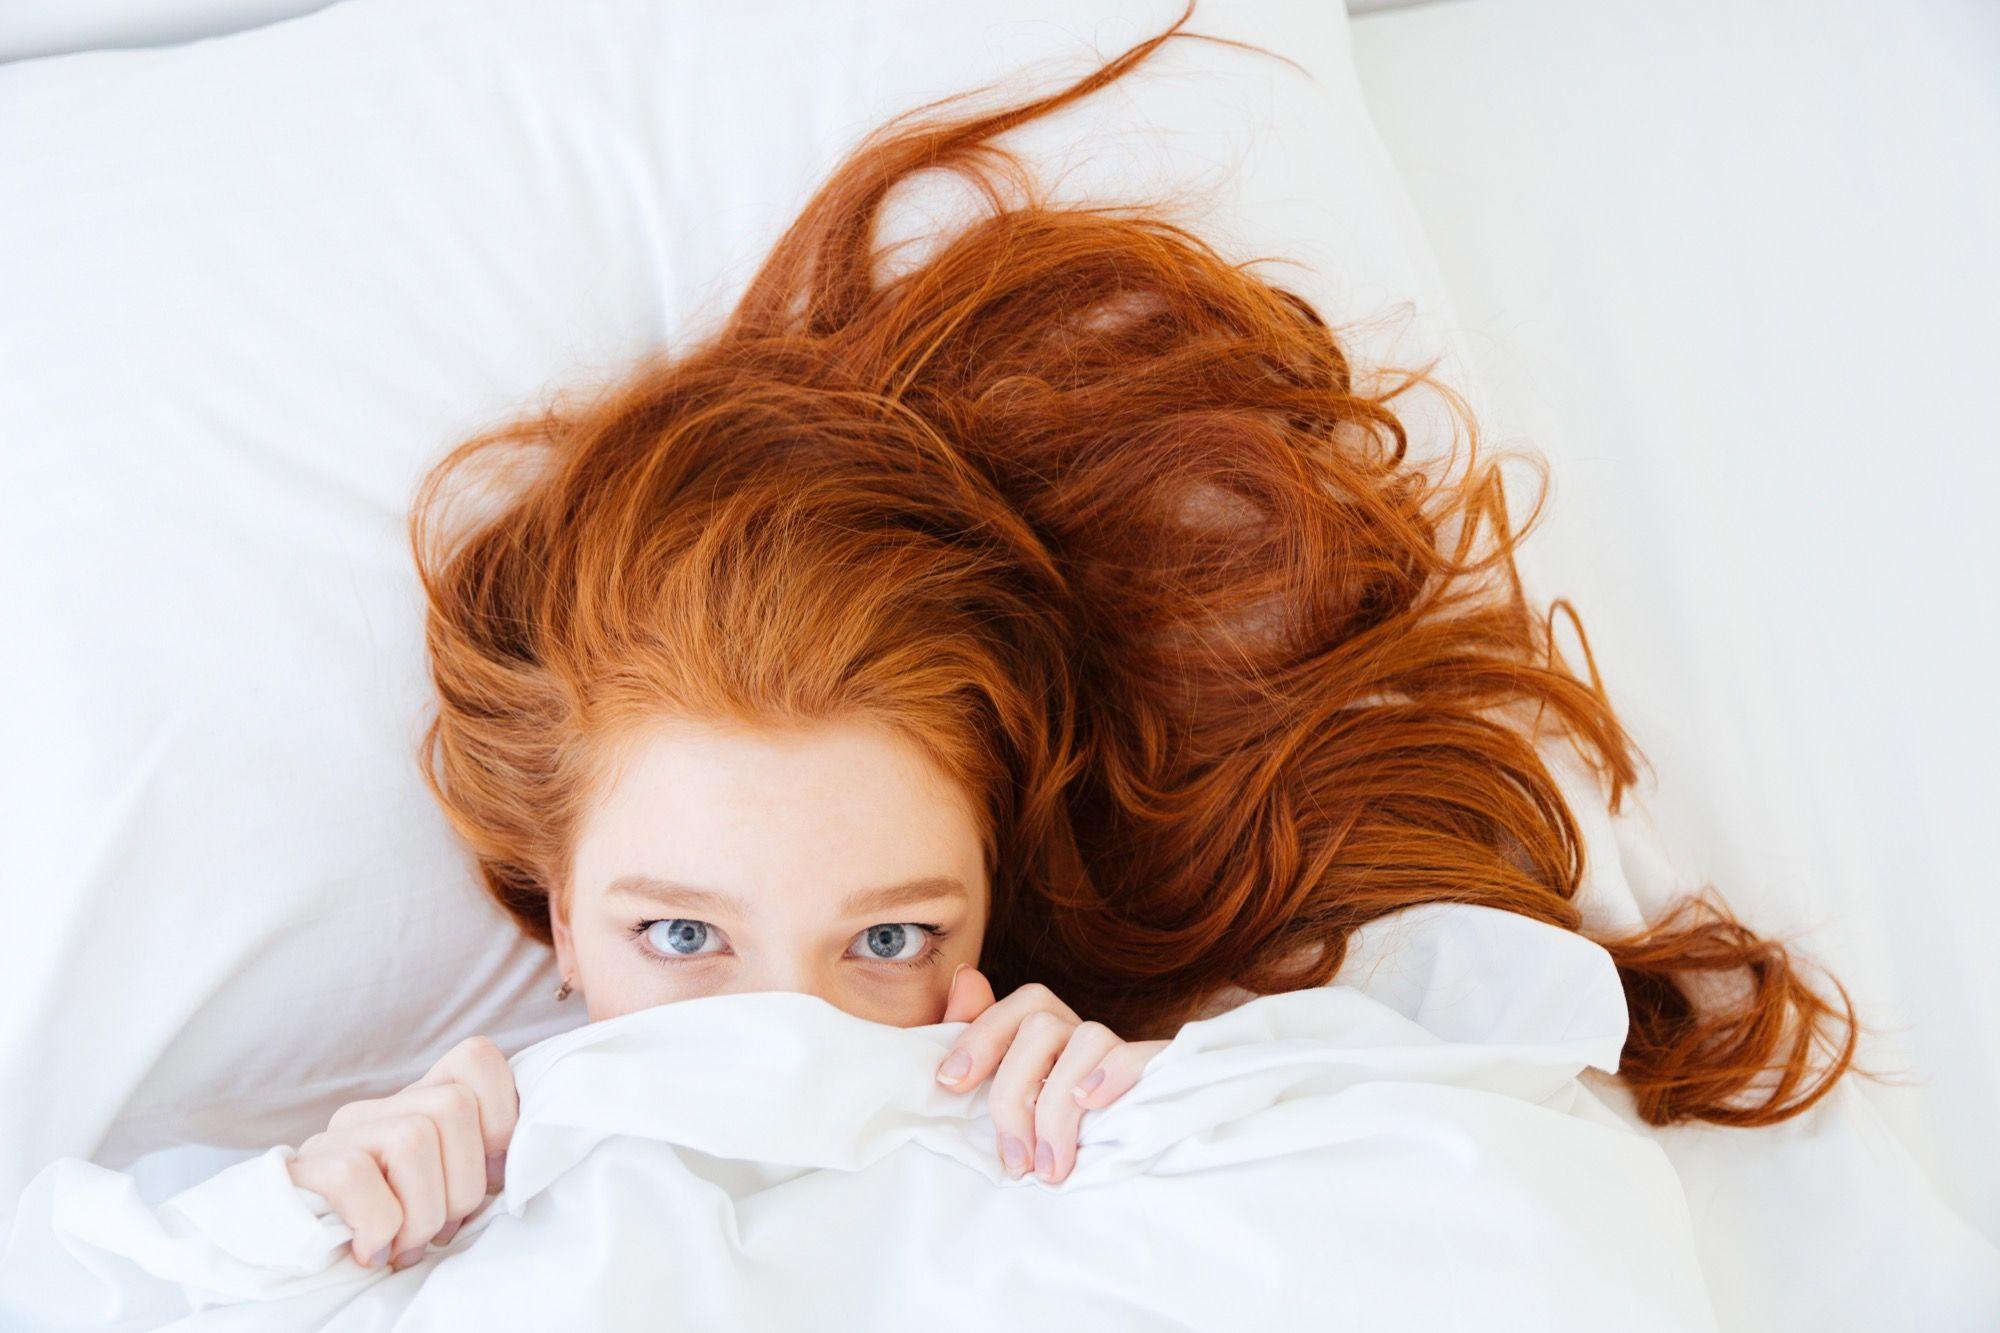 Wer an mangelnde Hygiene im Bett denkt, hat natürlich als erstes die Bettdecken und ...